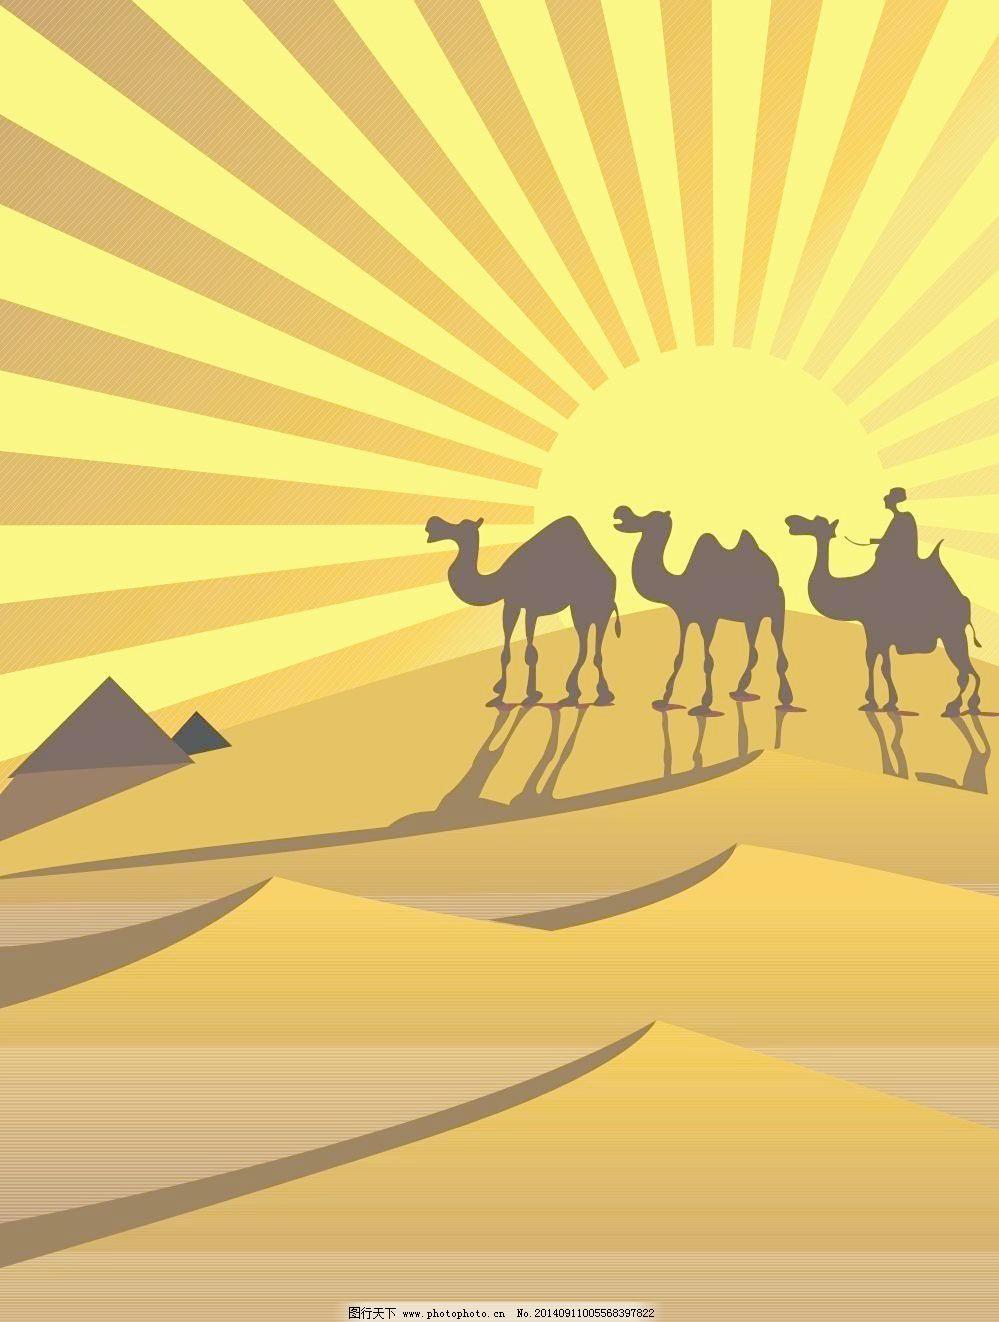 沙漠中行走的骆驼